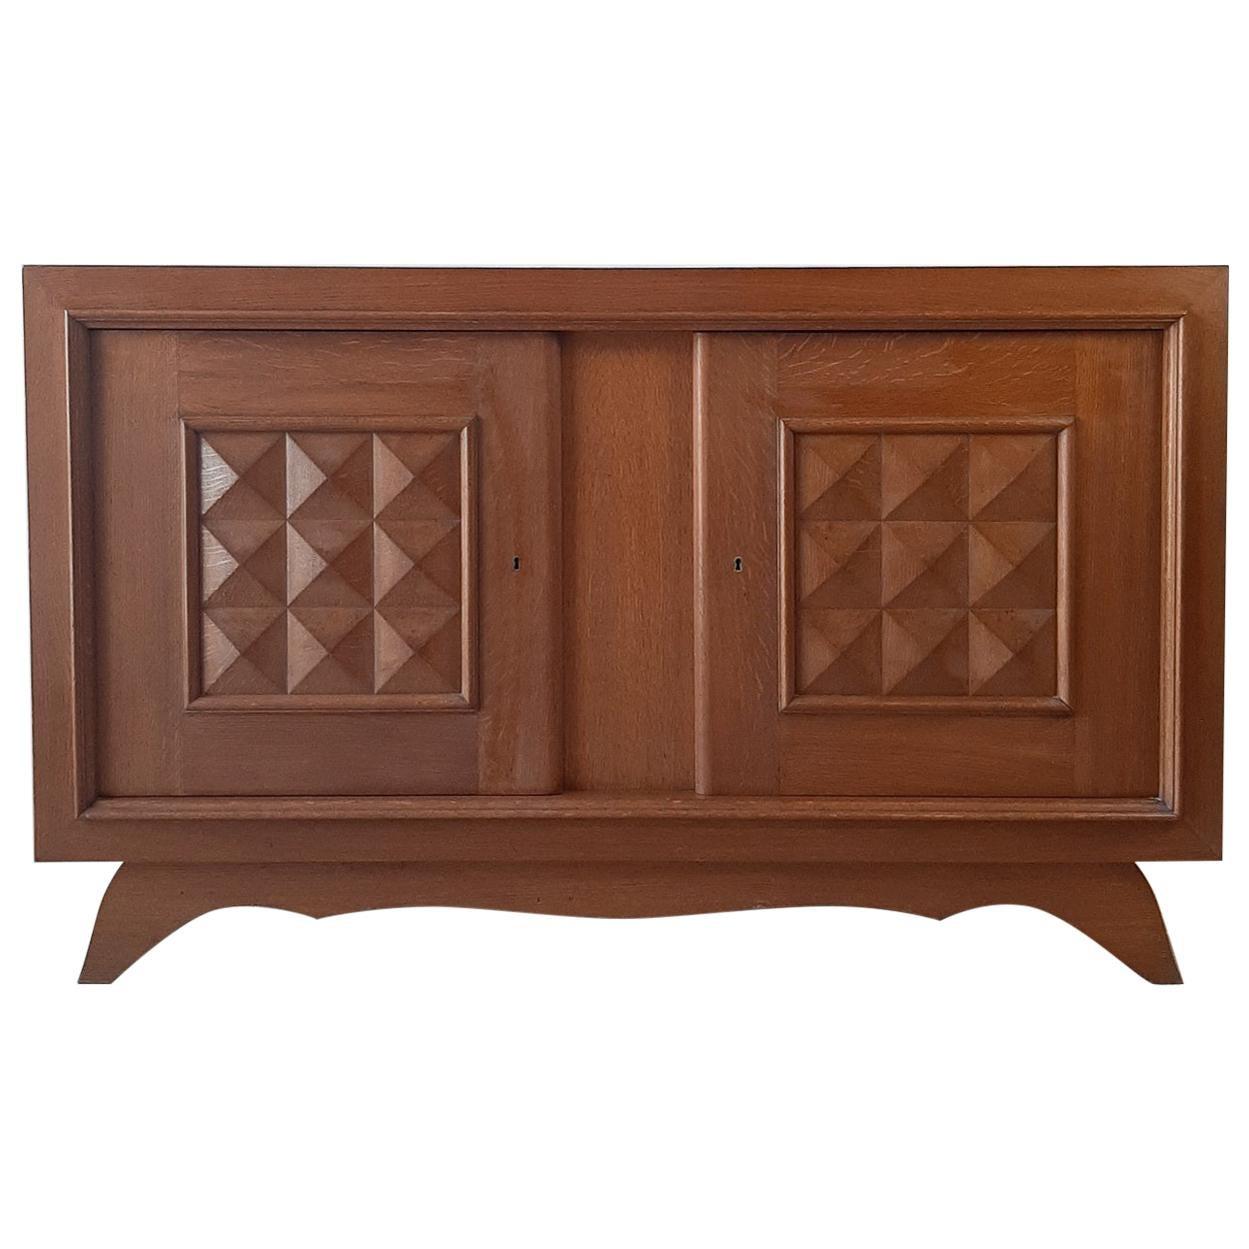 Vintage Design Brutalist Midcentury Oak Sideboard, Credenza by Charles Dudouyt